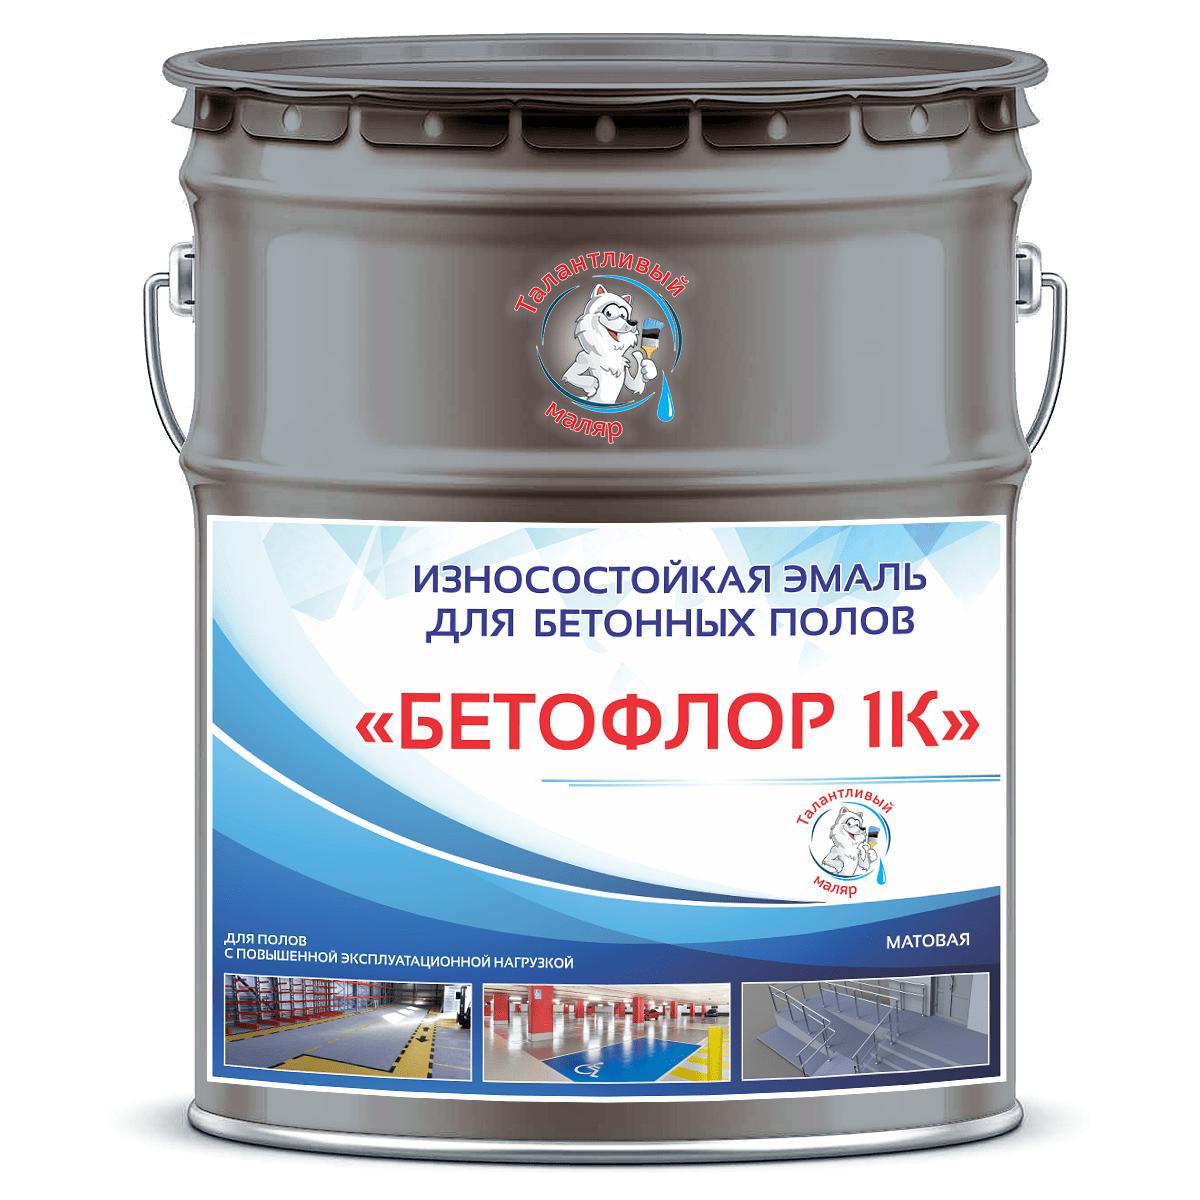 """Фото 1 - BF7040 Эмаль для бетонных полов """"Бетофлор"""" 1К цвет RAL 7040 Серое окно, матовая износостойкая, 25 кг """"Талантливый Маляр""""."""